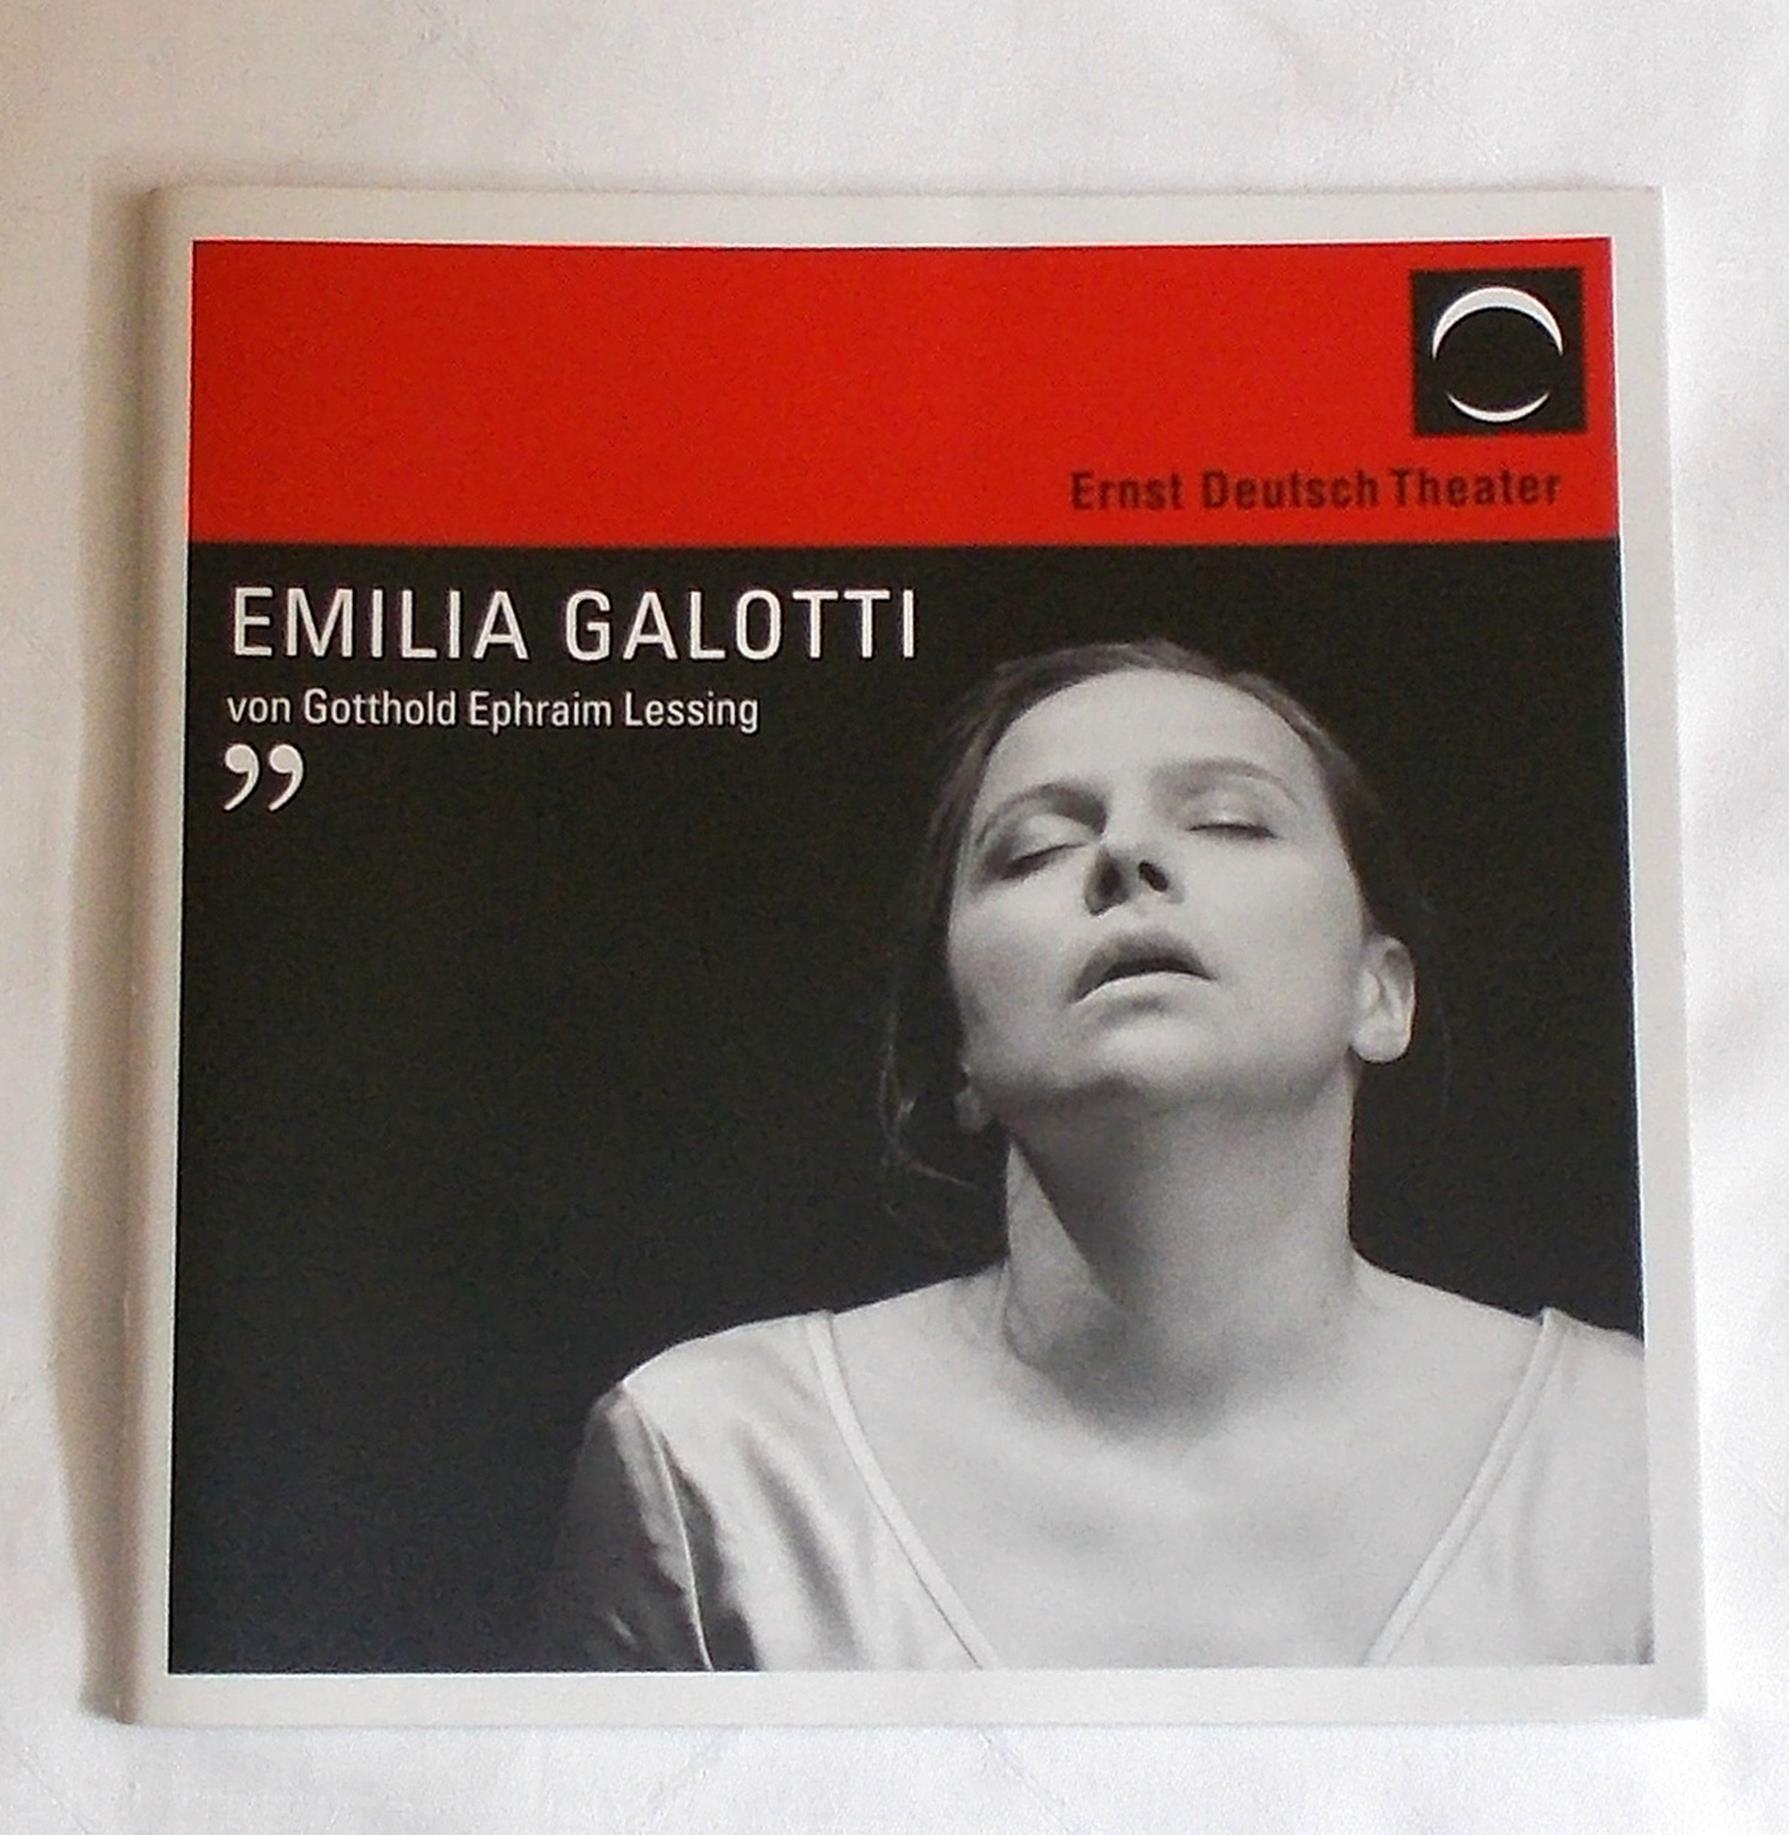 Programmheft EMILIA GALOTTI. Ernst Deutsch Theater 2008